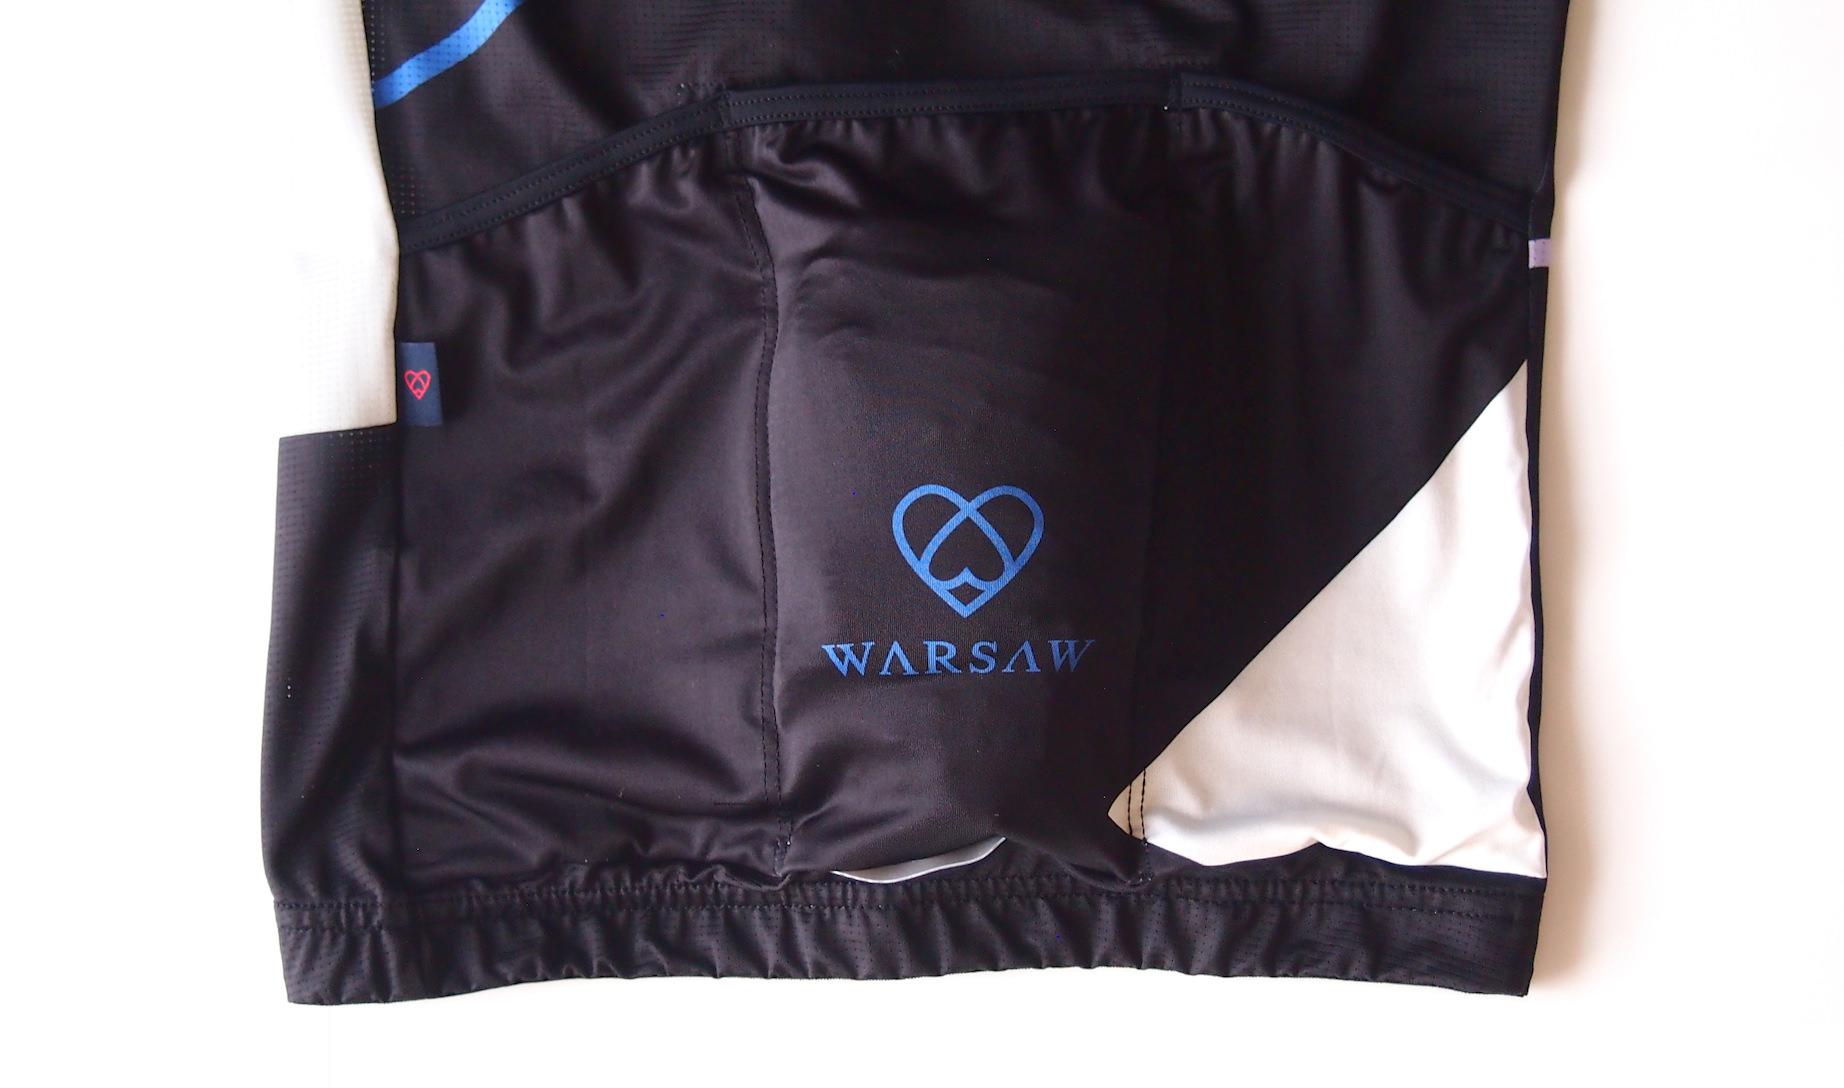 warsaw cycling ジレ収納